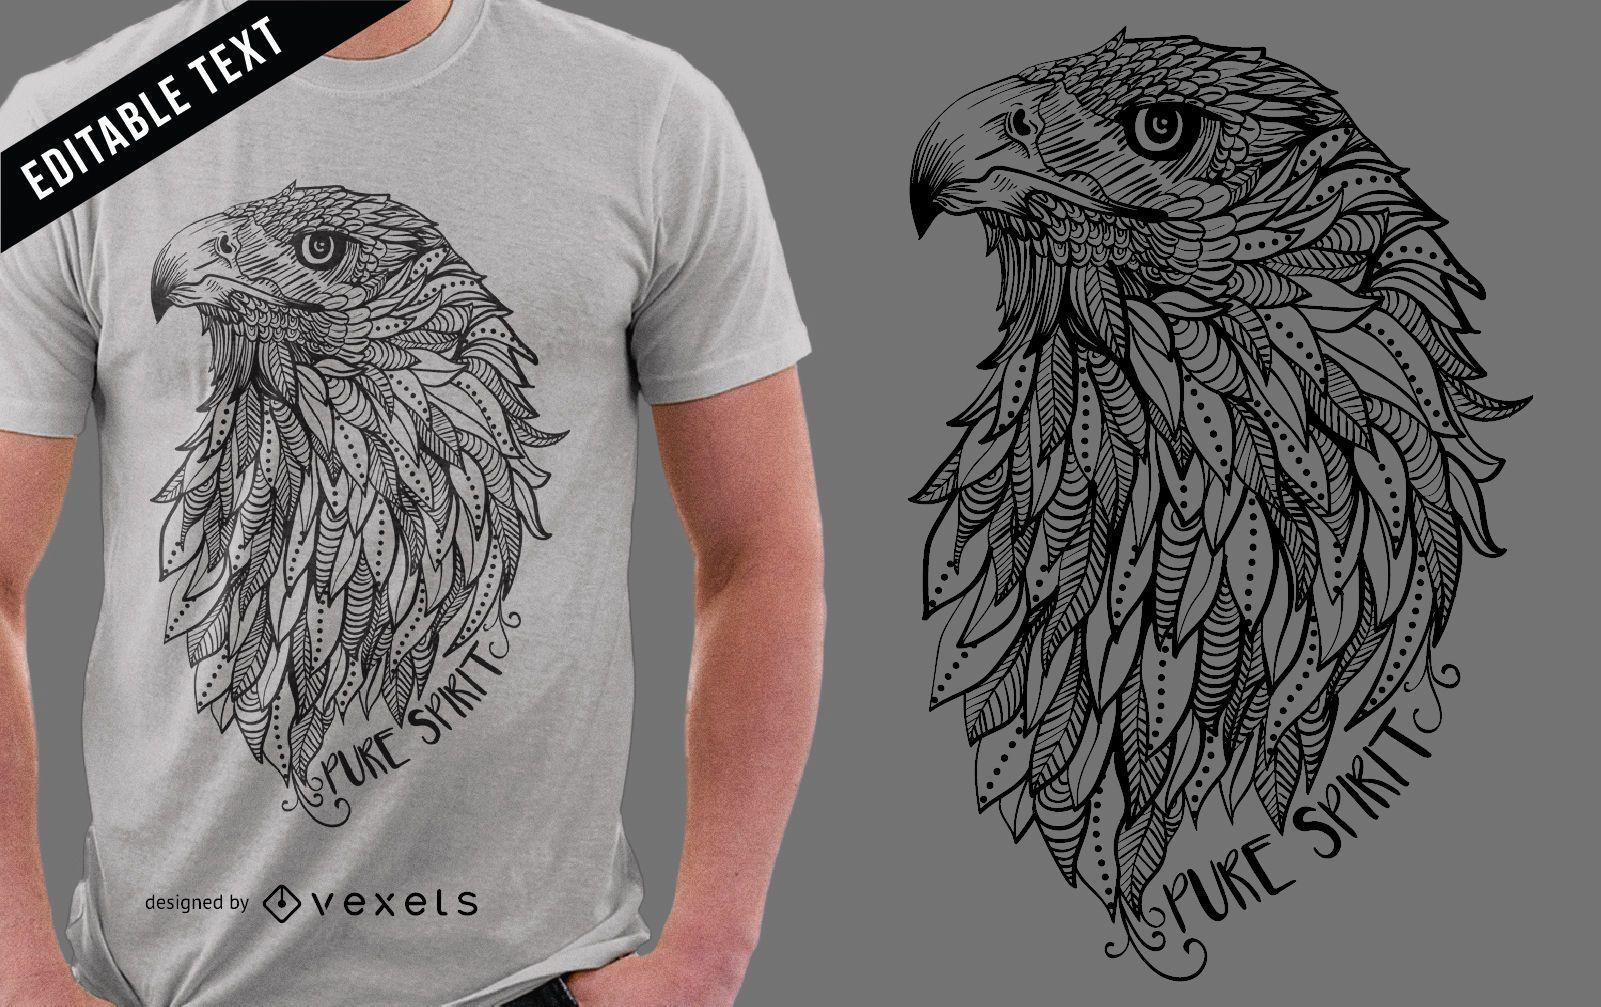 Diseño de camiseta con ilustración de águila